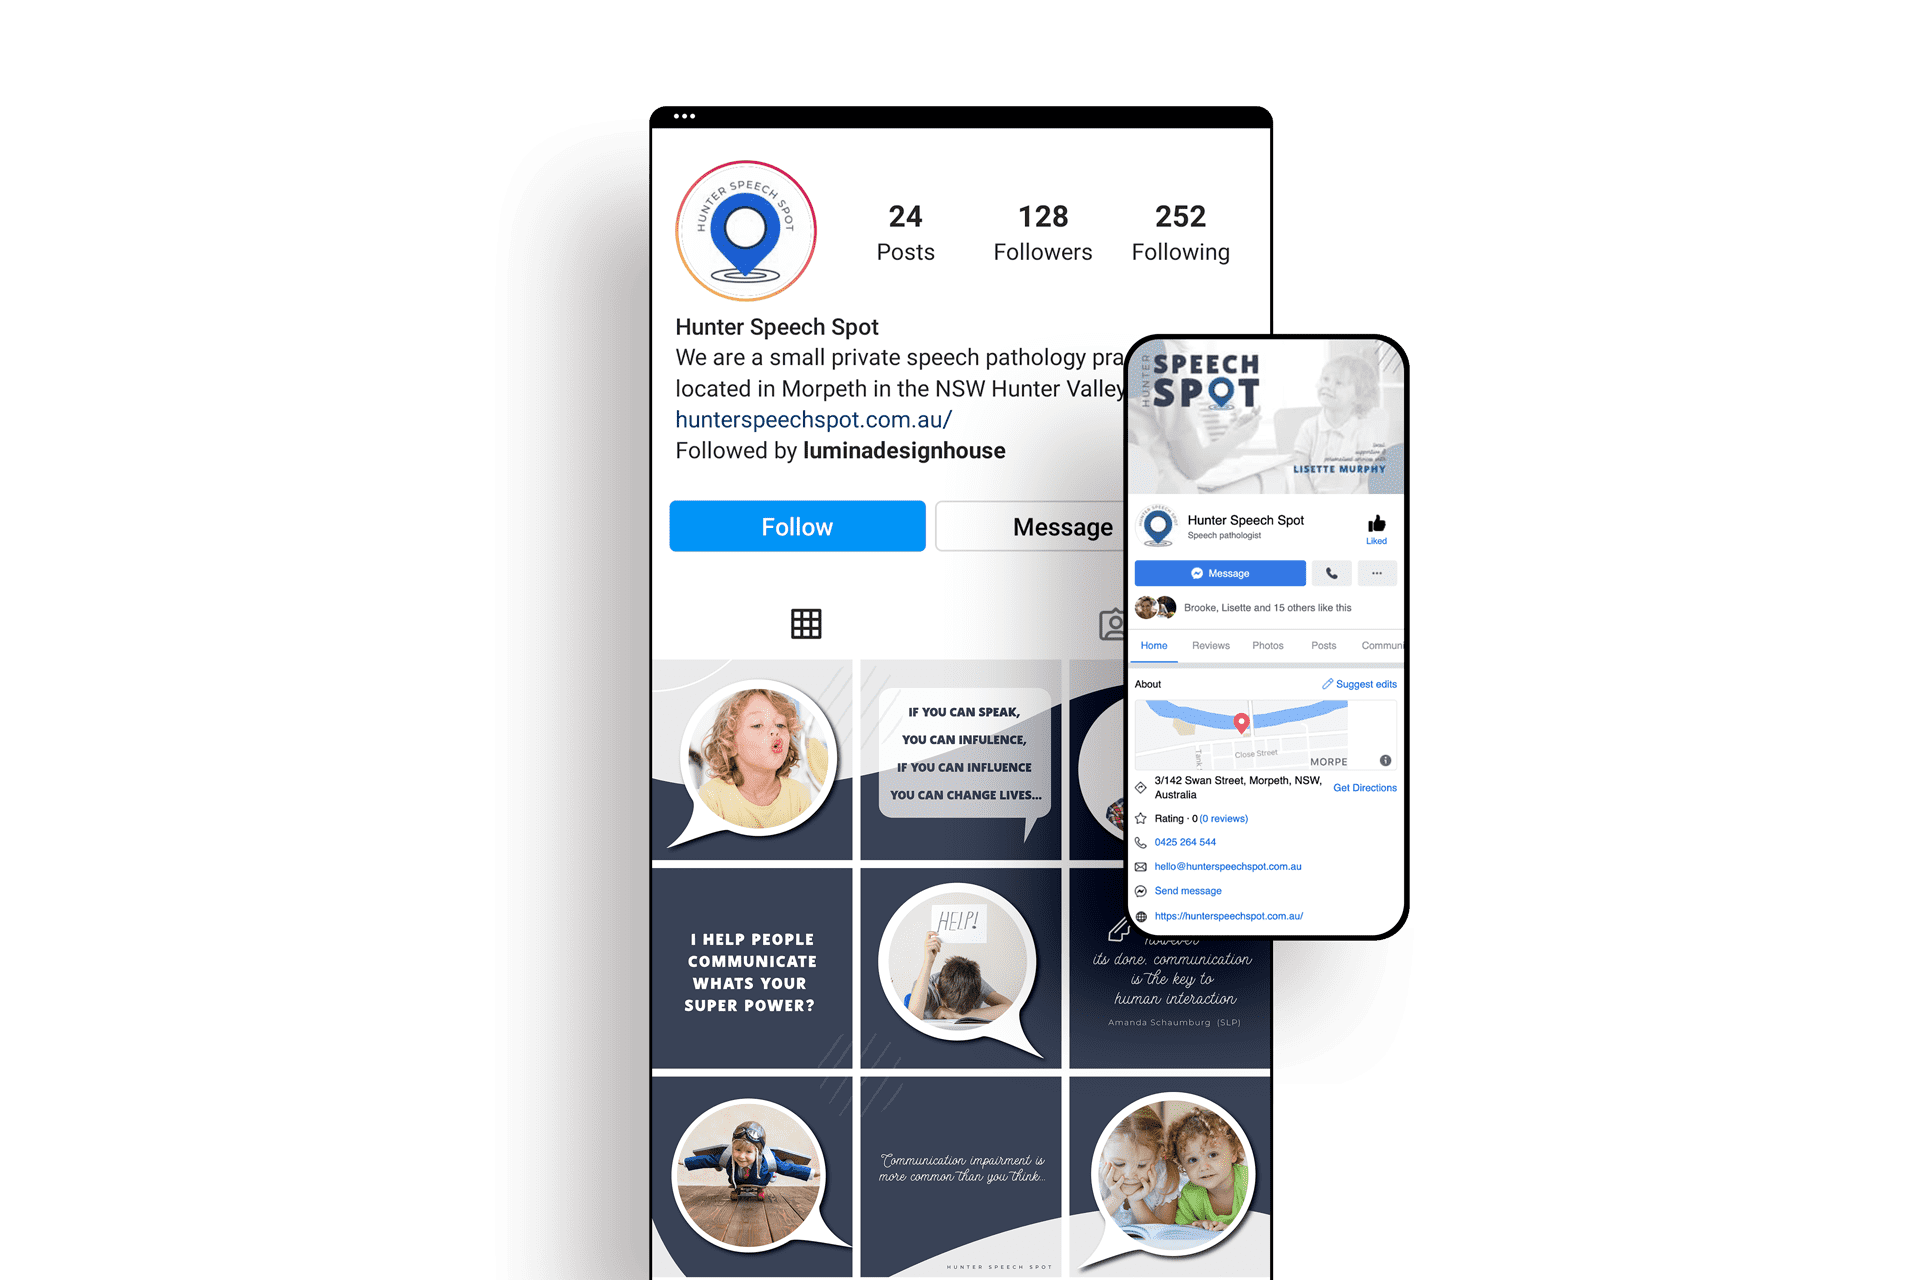 Lumina Design House Project : Hunter Speech Spot - Social Media Management